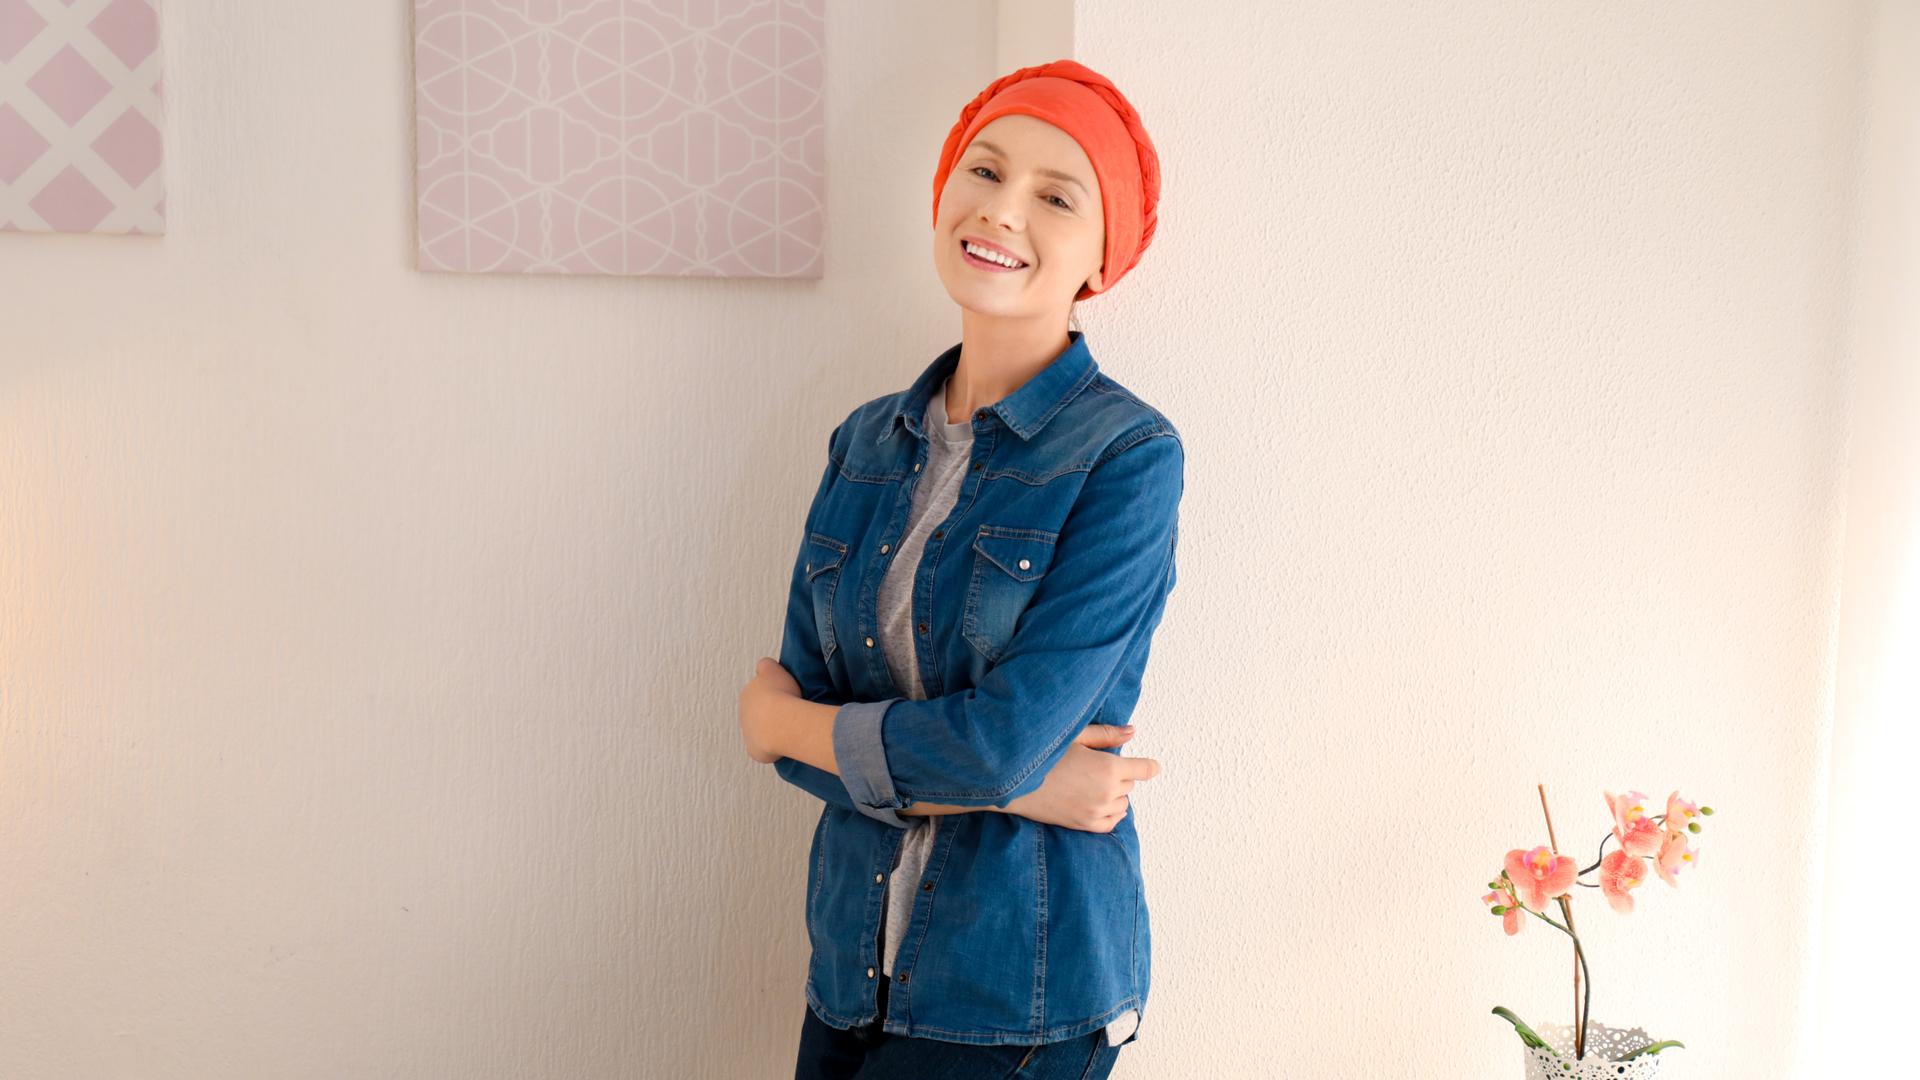 radioterapia y quimioterapia